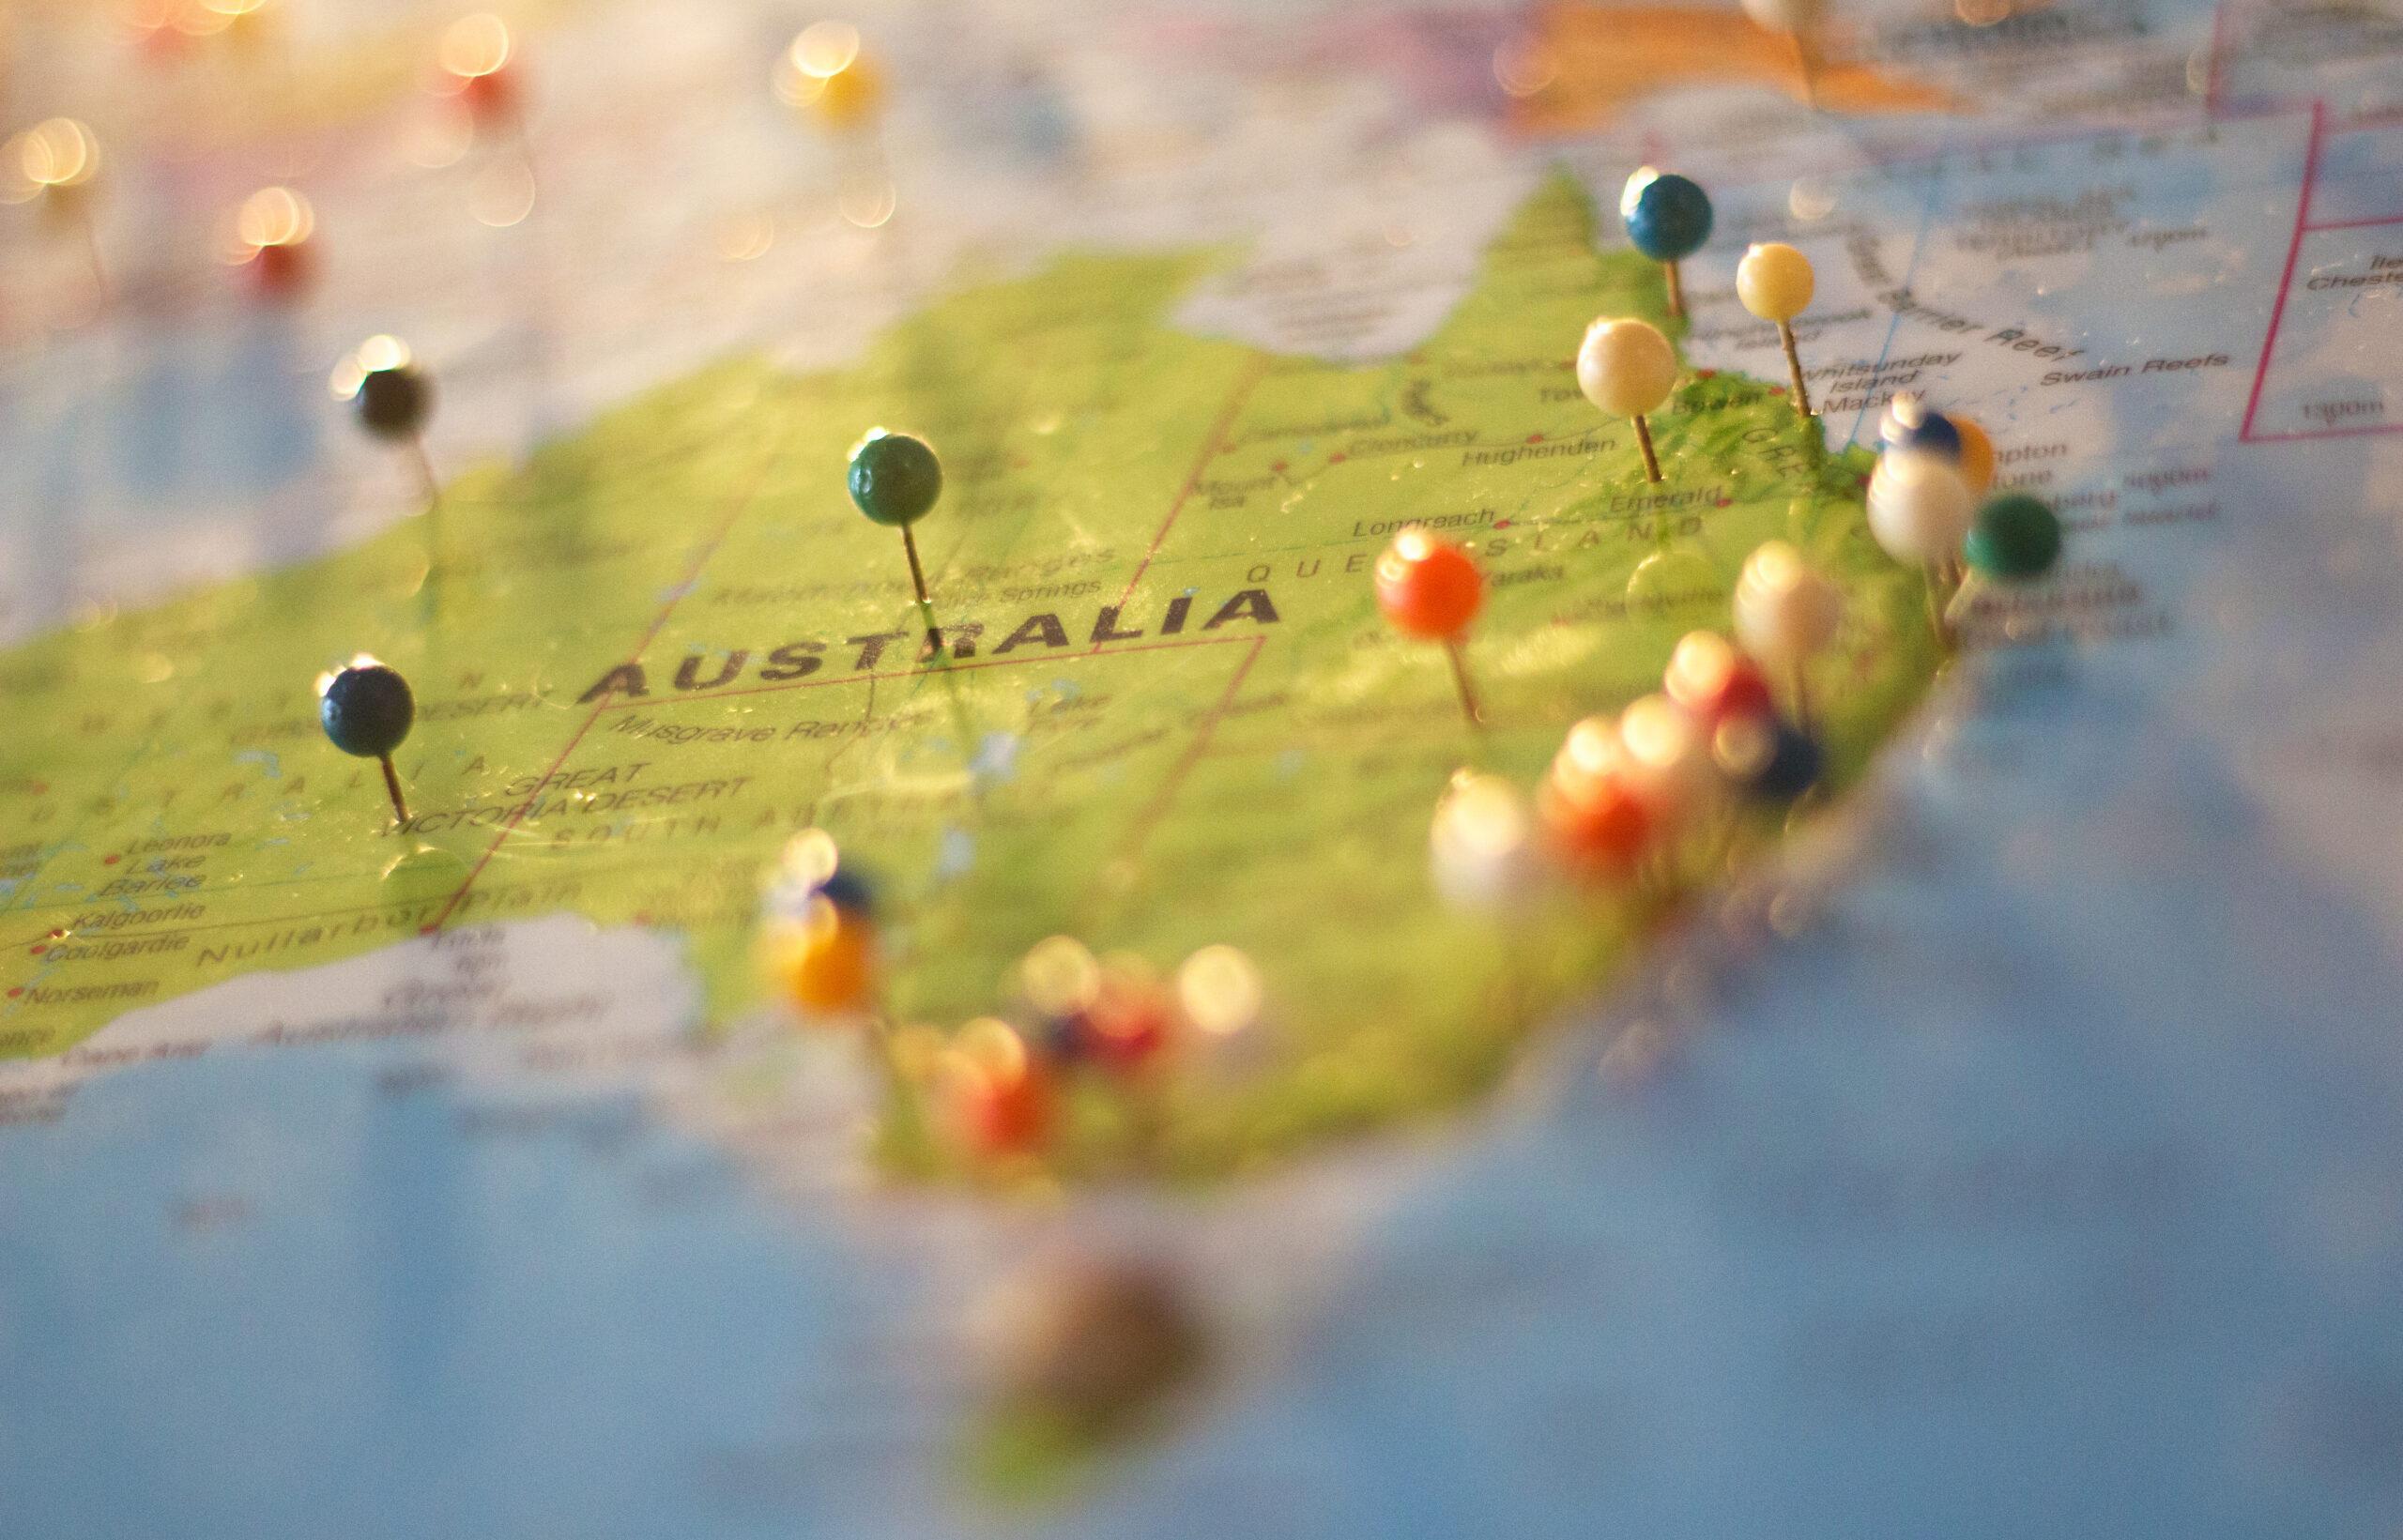 winter escape pins in a map of Australia